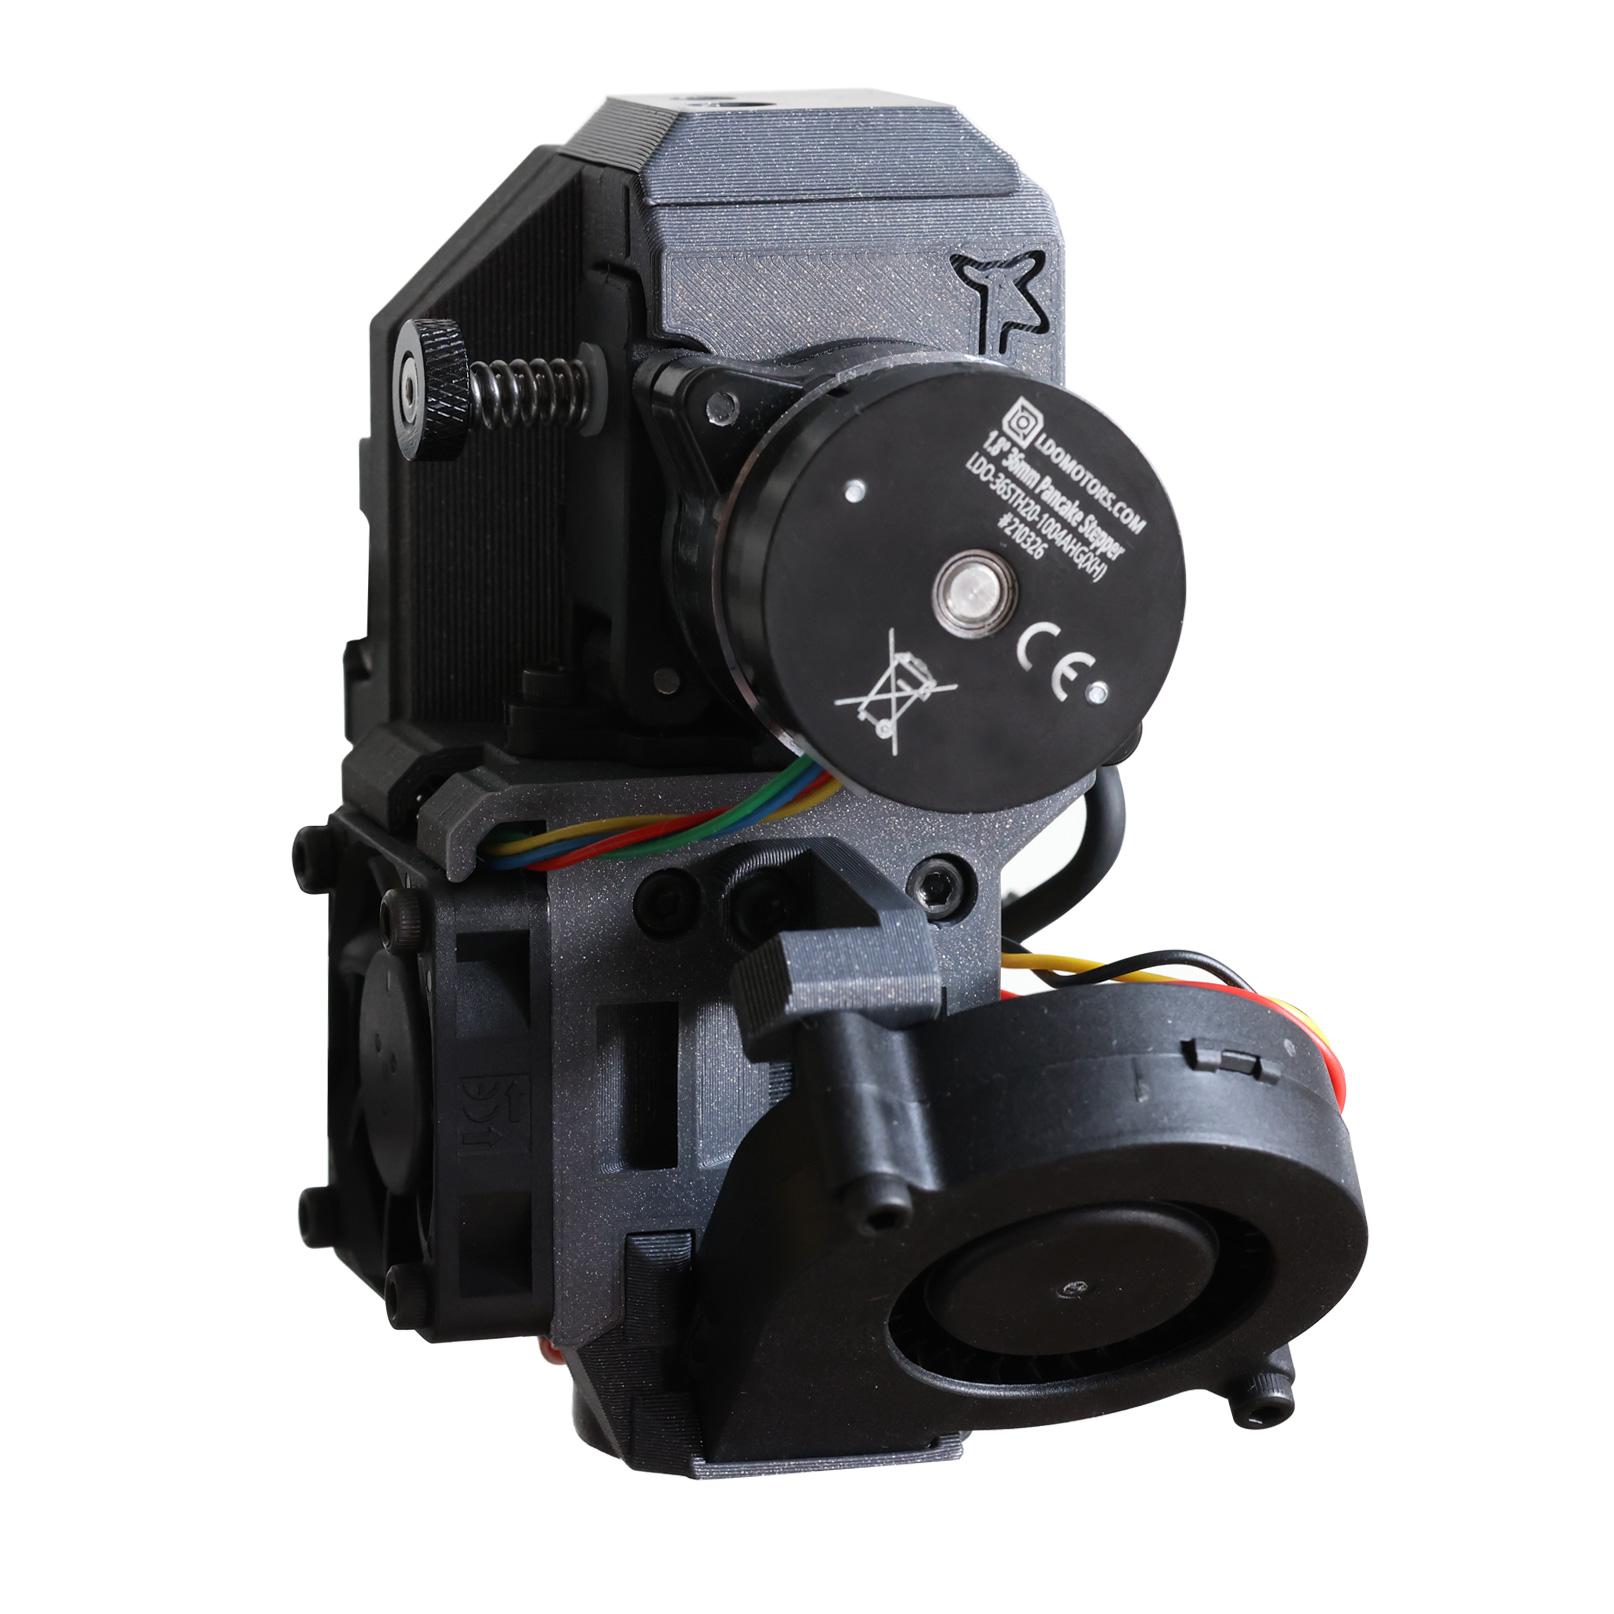 Zorbiter Extruder for Zaribo Prusa Printers